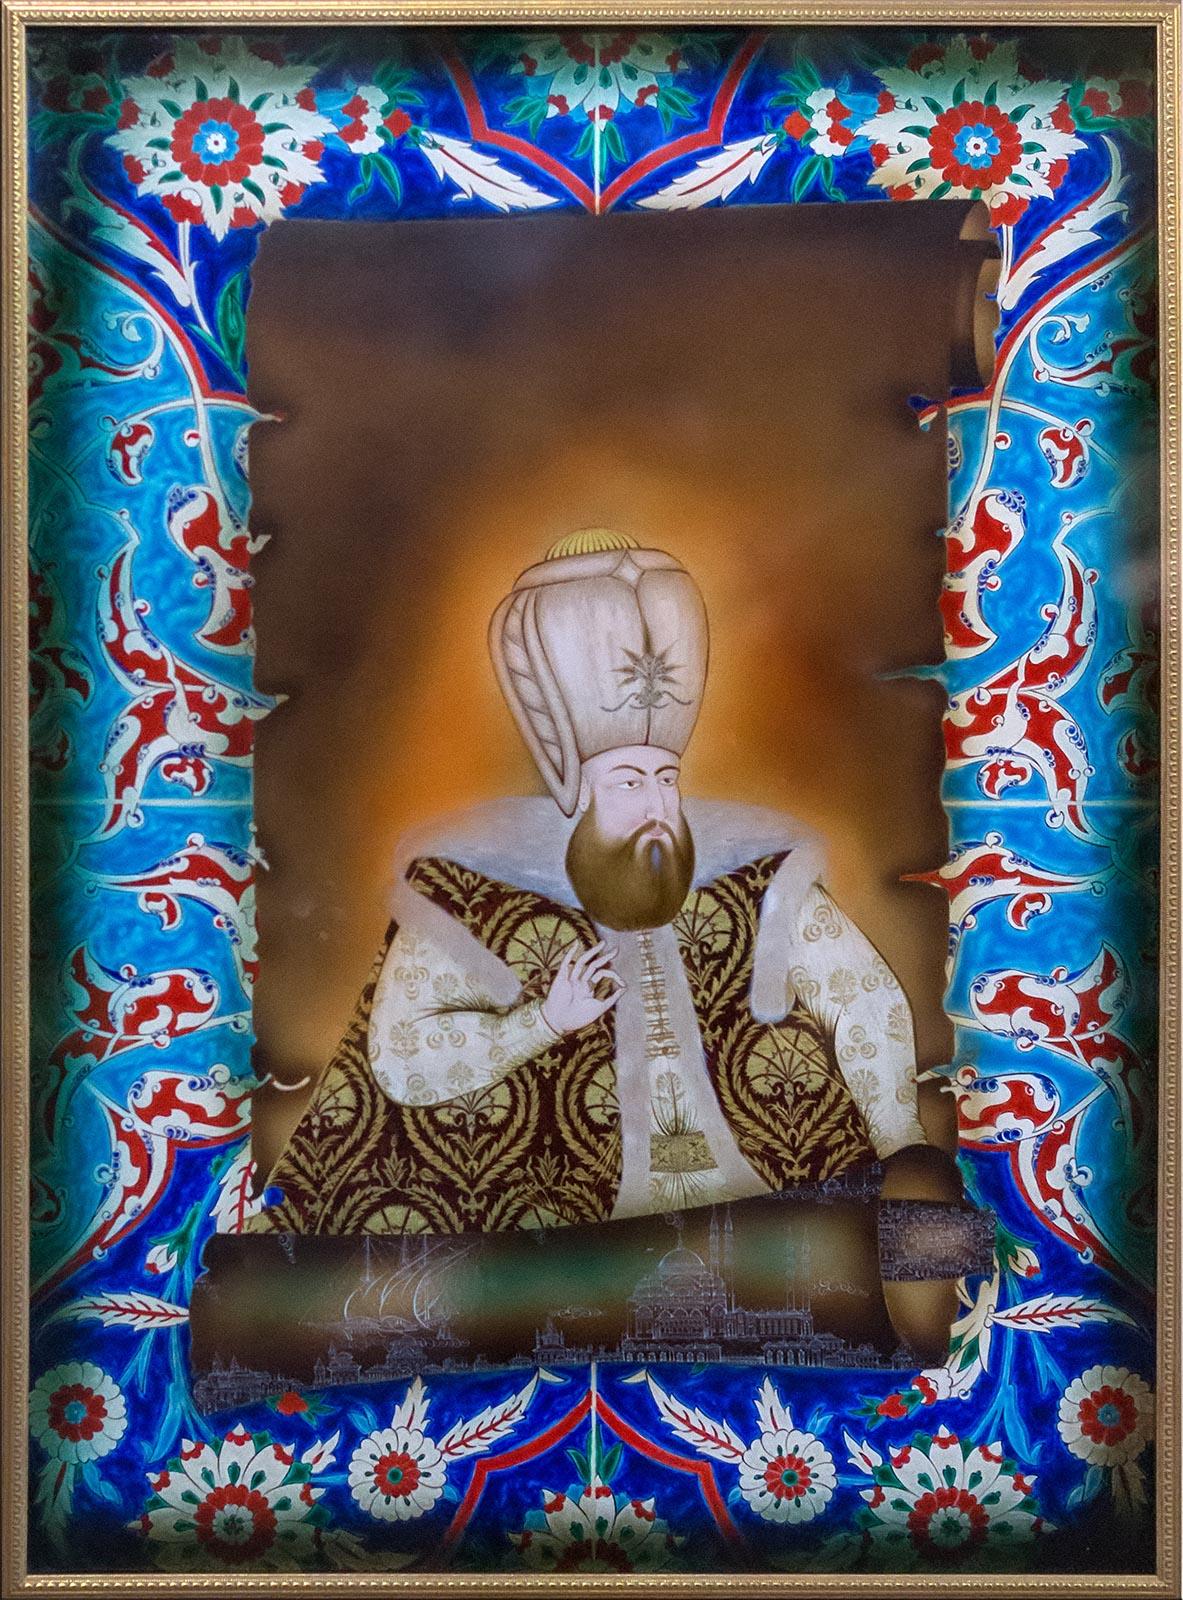 Фото №147527. Султан Сулейман Законодатель. Танер Алакуш